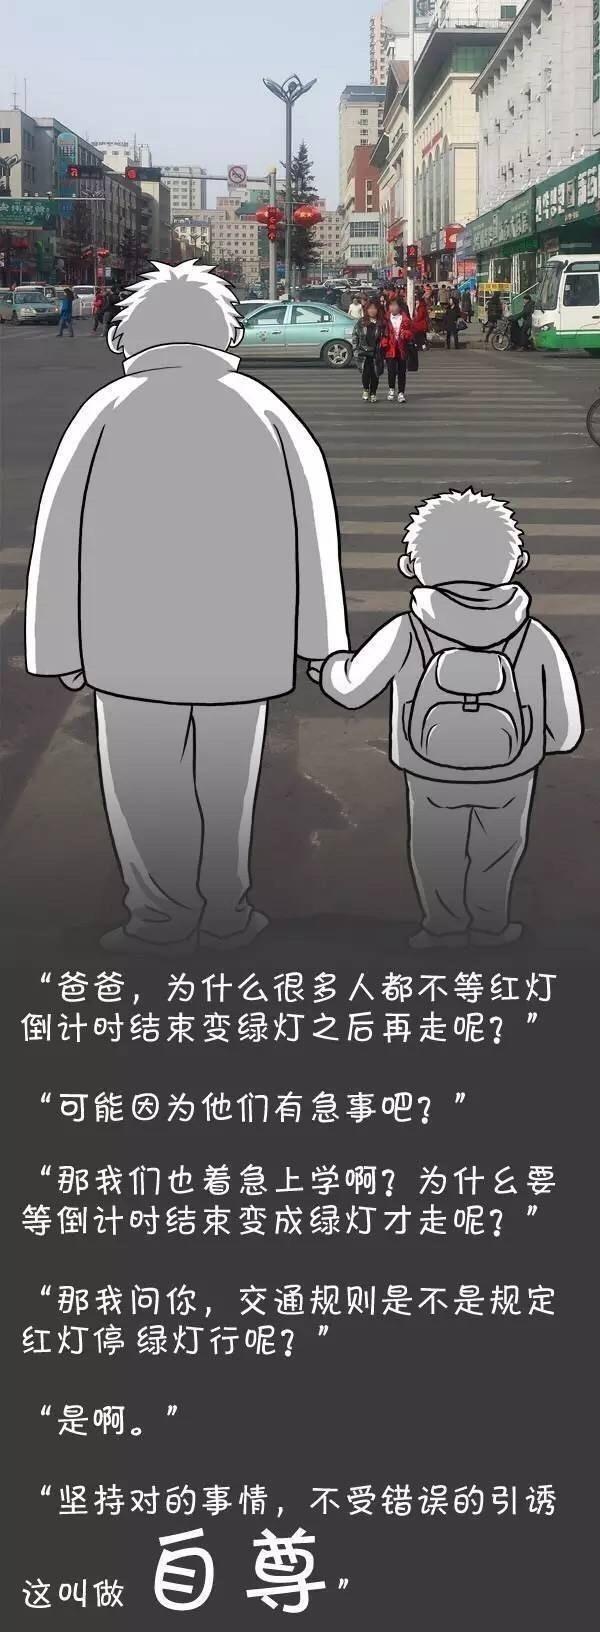 这位爸爸是这样给儿子解释的